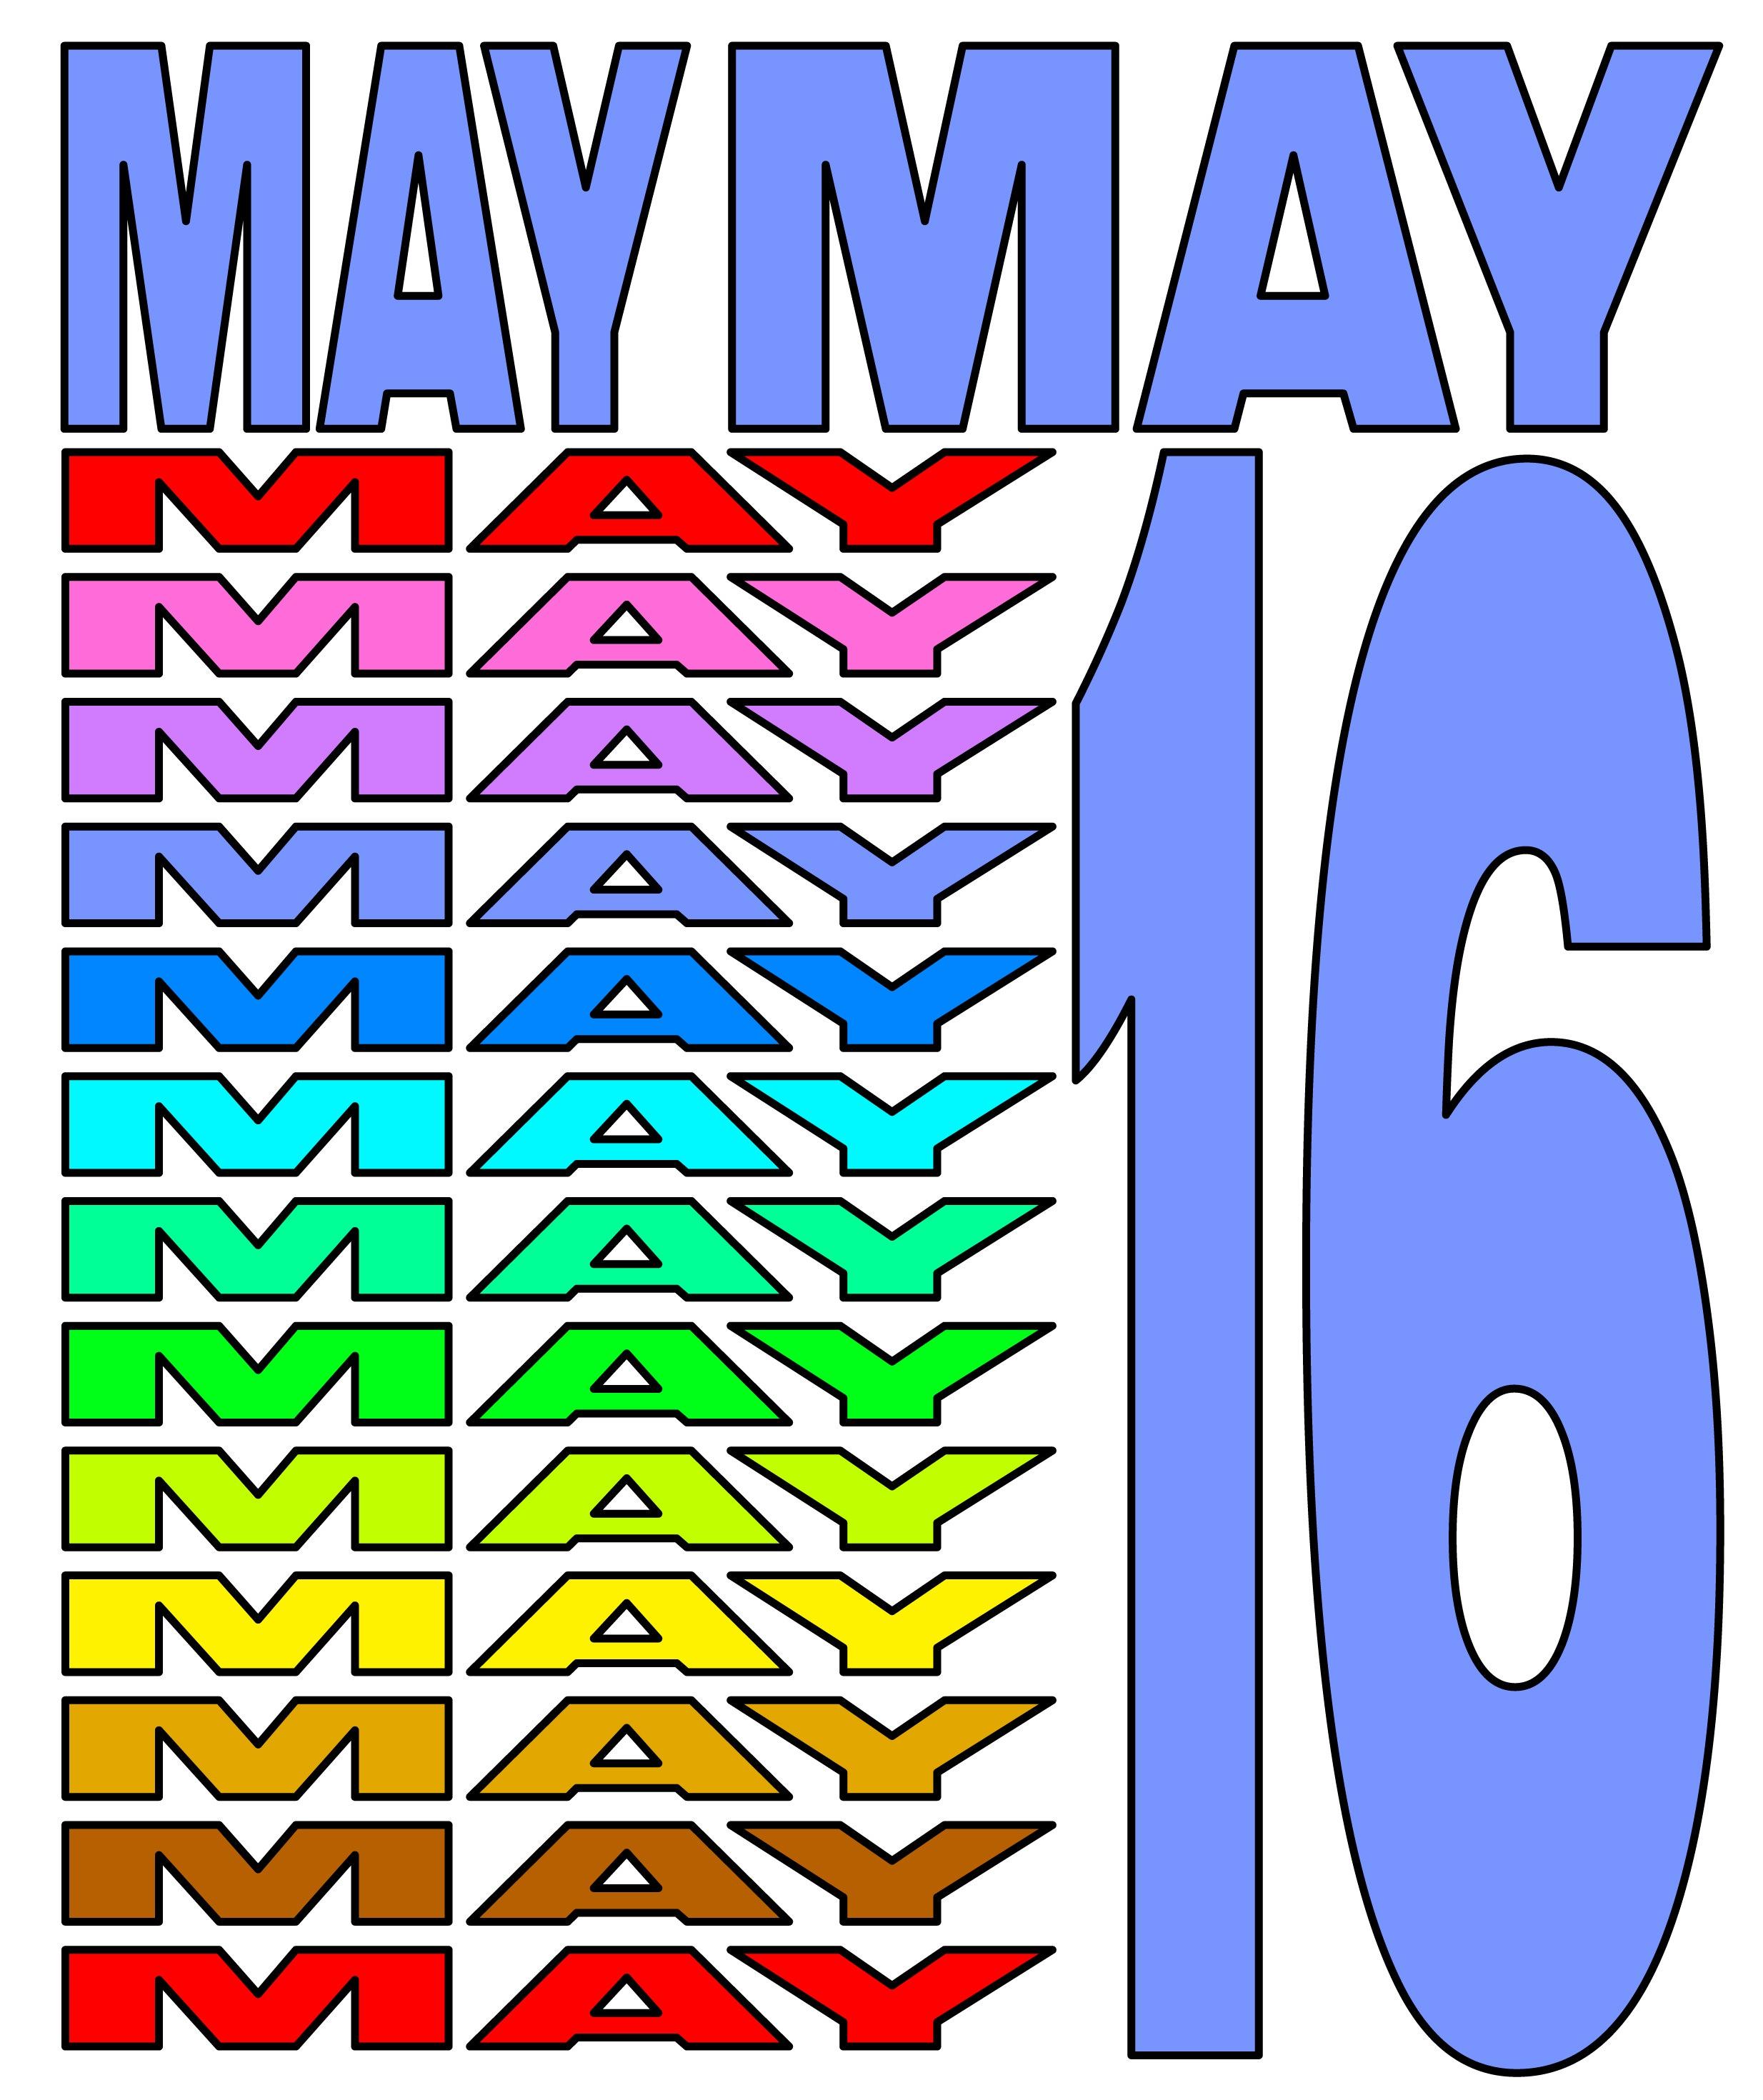 CALENDAR_May22-19